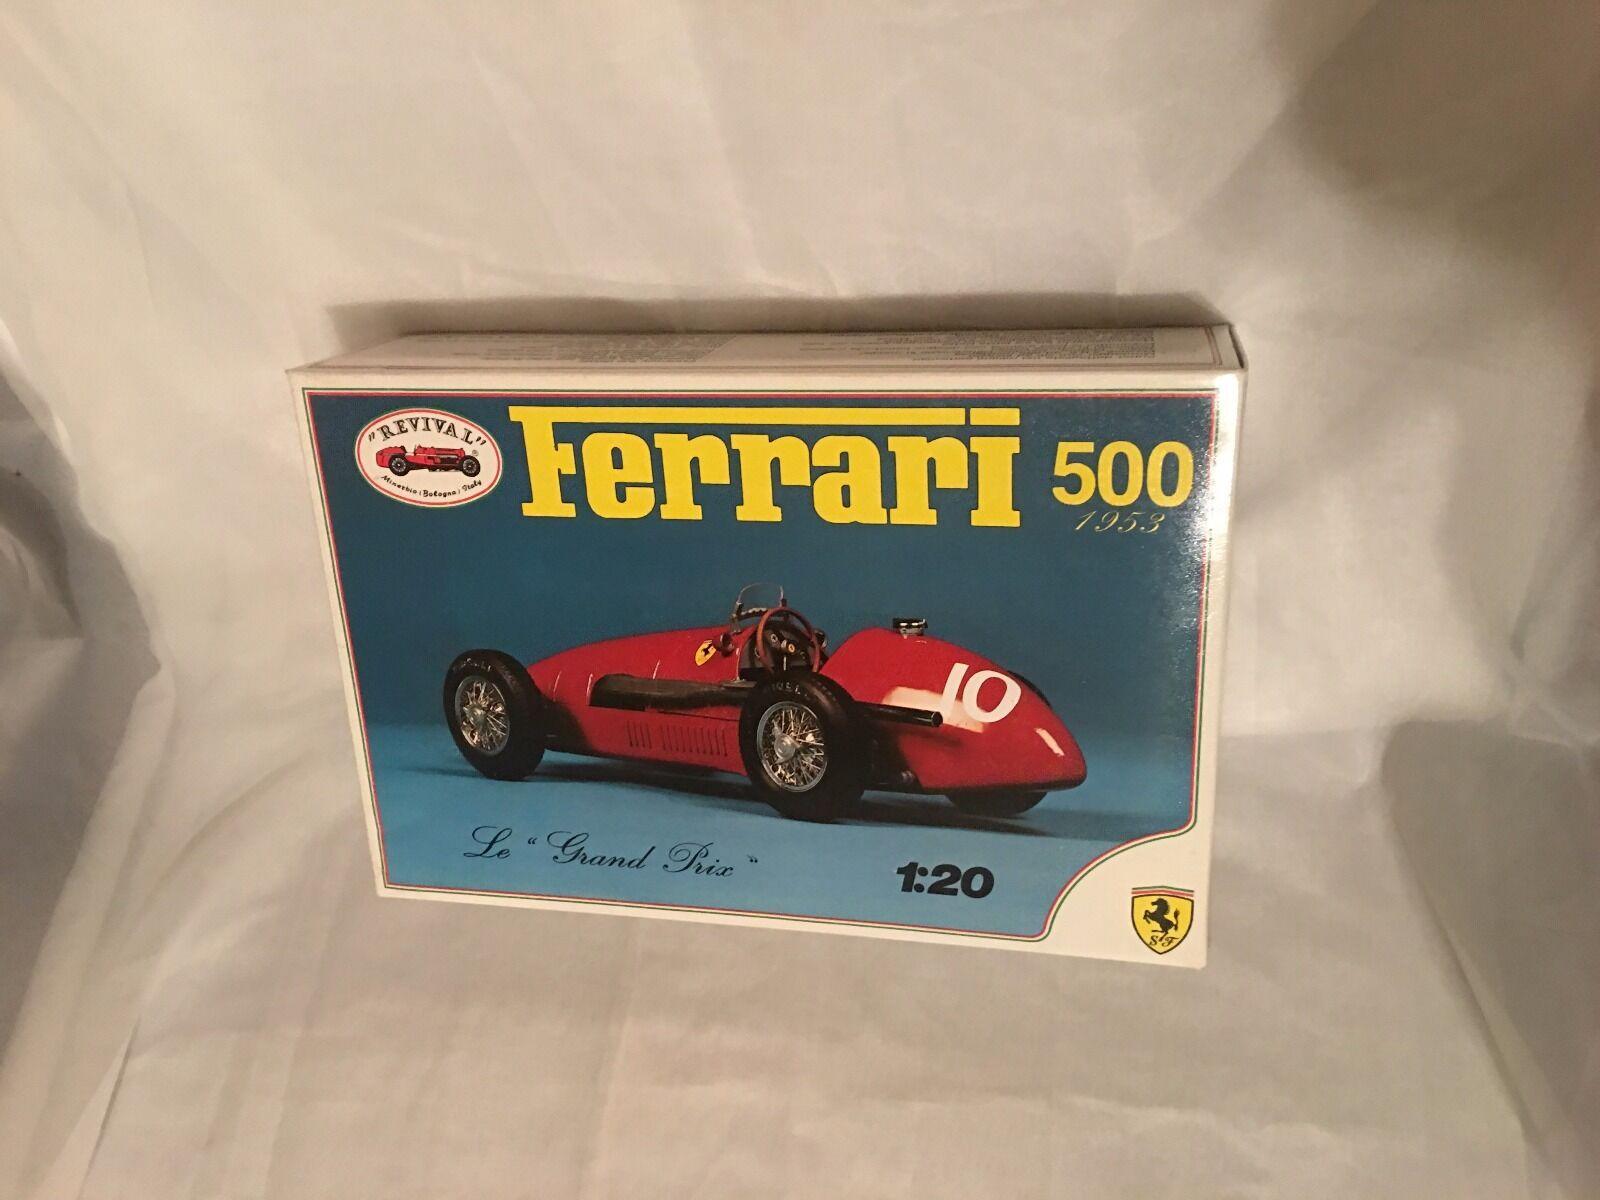 suministro de productos de calidad 'revival' 'revival' 'revival' Ferrari 500 1953  este es Clásico Ferrari  nuevo, menta, Vintage,  venta mundialmente famosa en línea